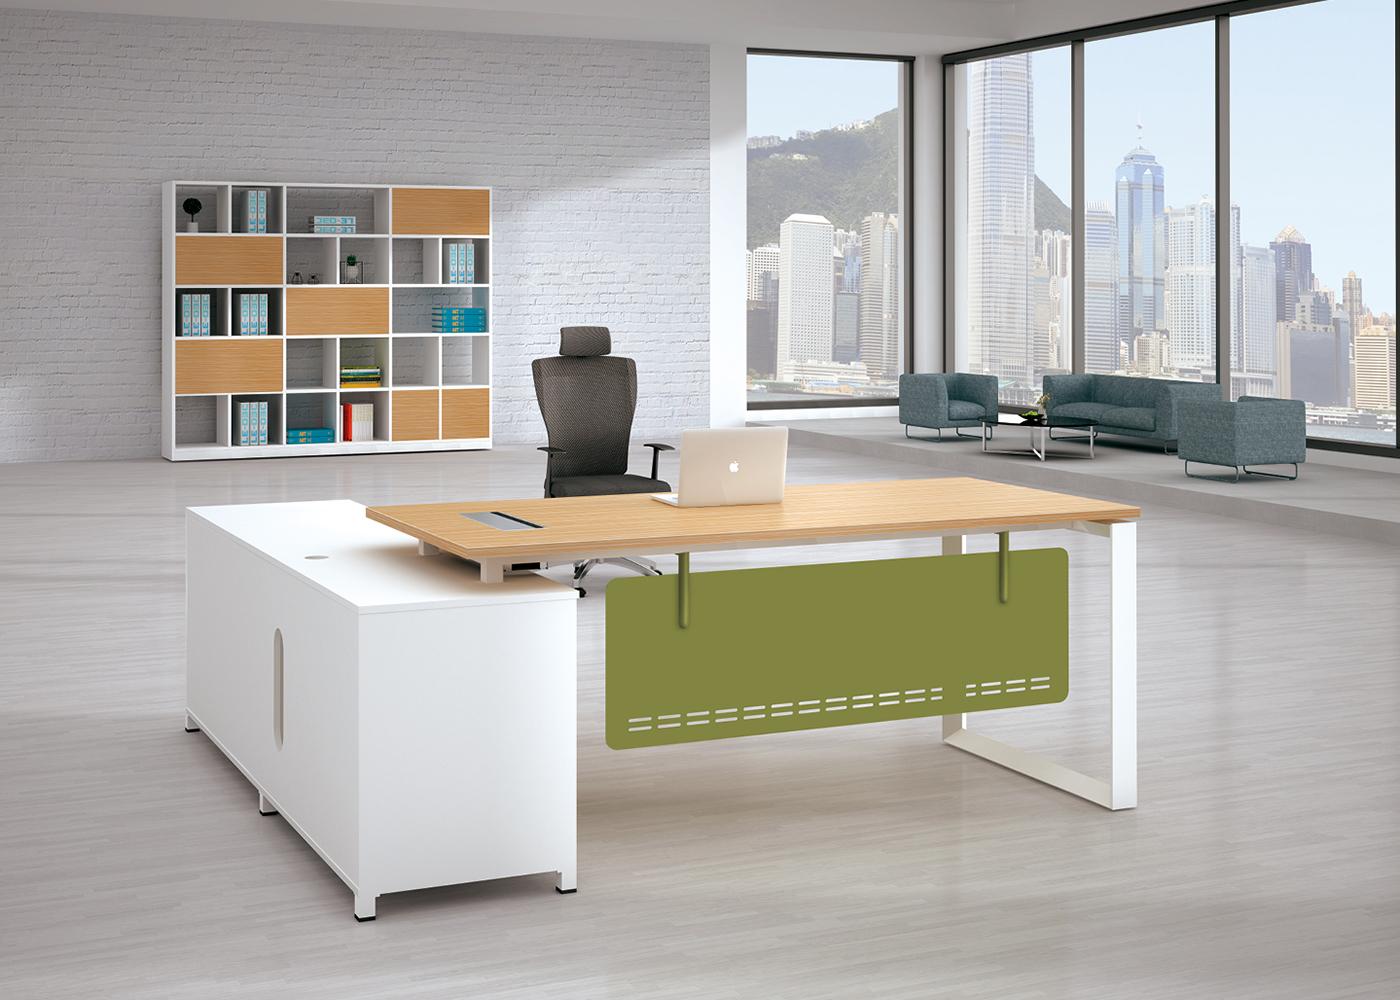 迈蒂诺75H4,上海买办公桌,办公卡位【尺寸 价格 图片 品牌】